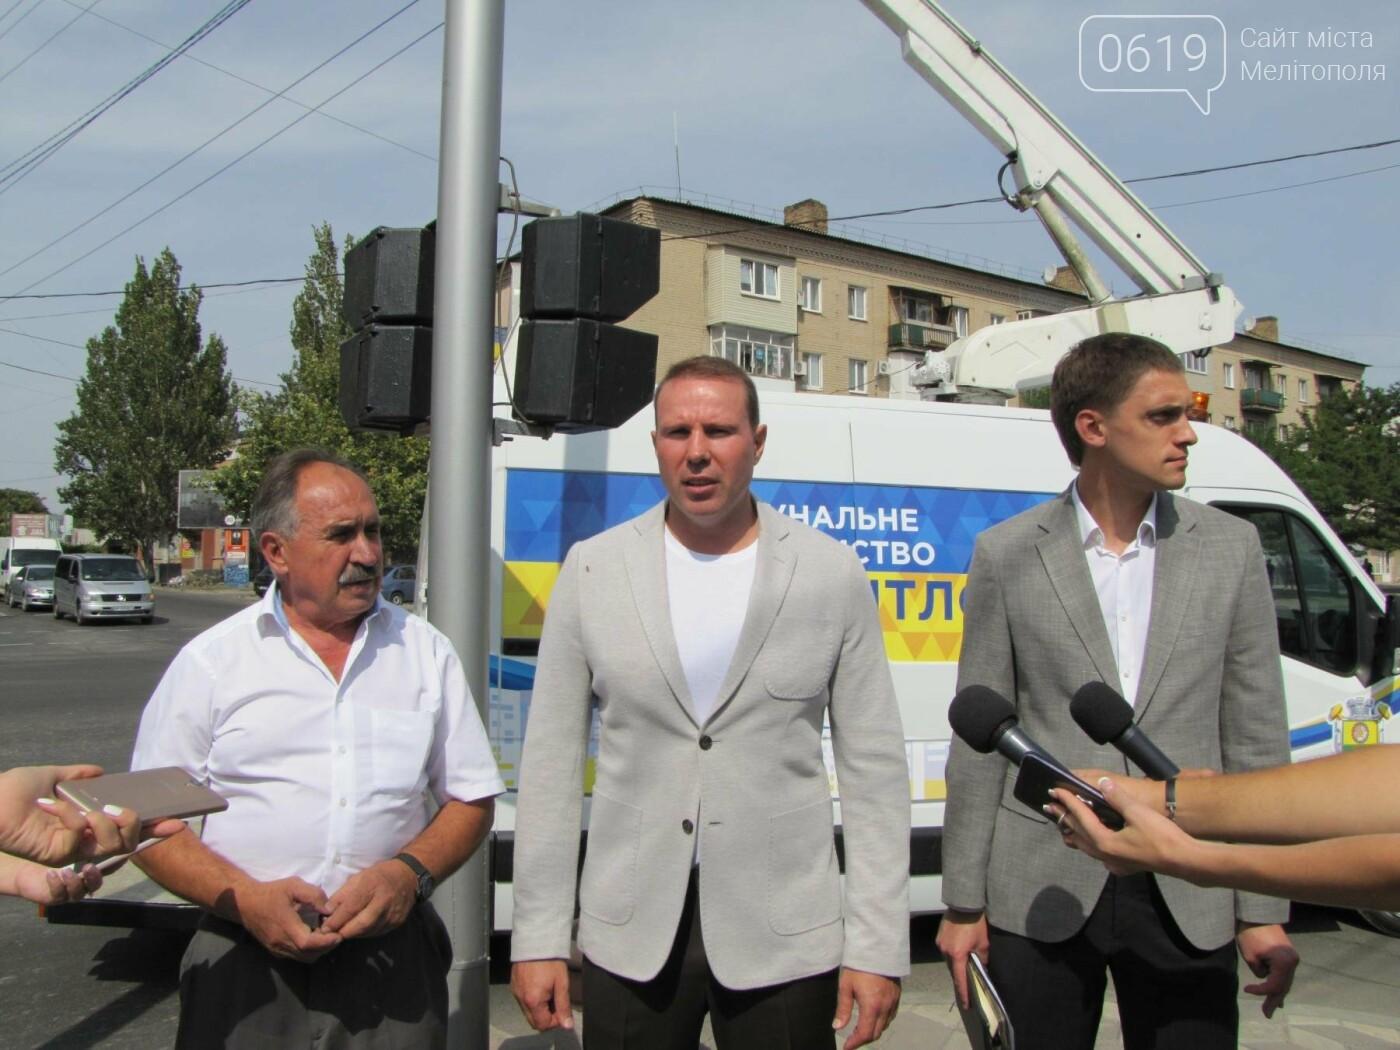 Мелитопольскому КП приобрели новую технику , фото-2, Фото сайта 0619